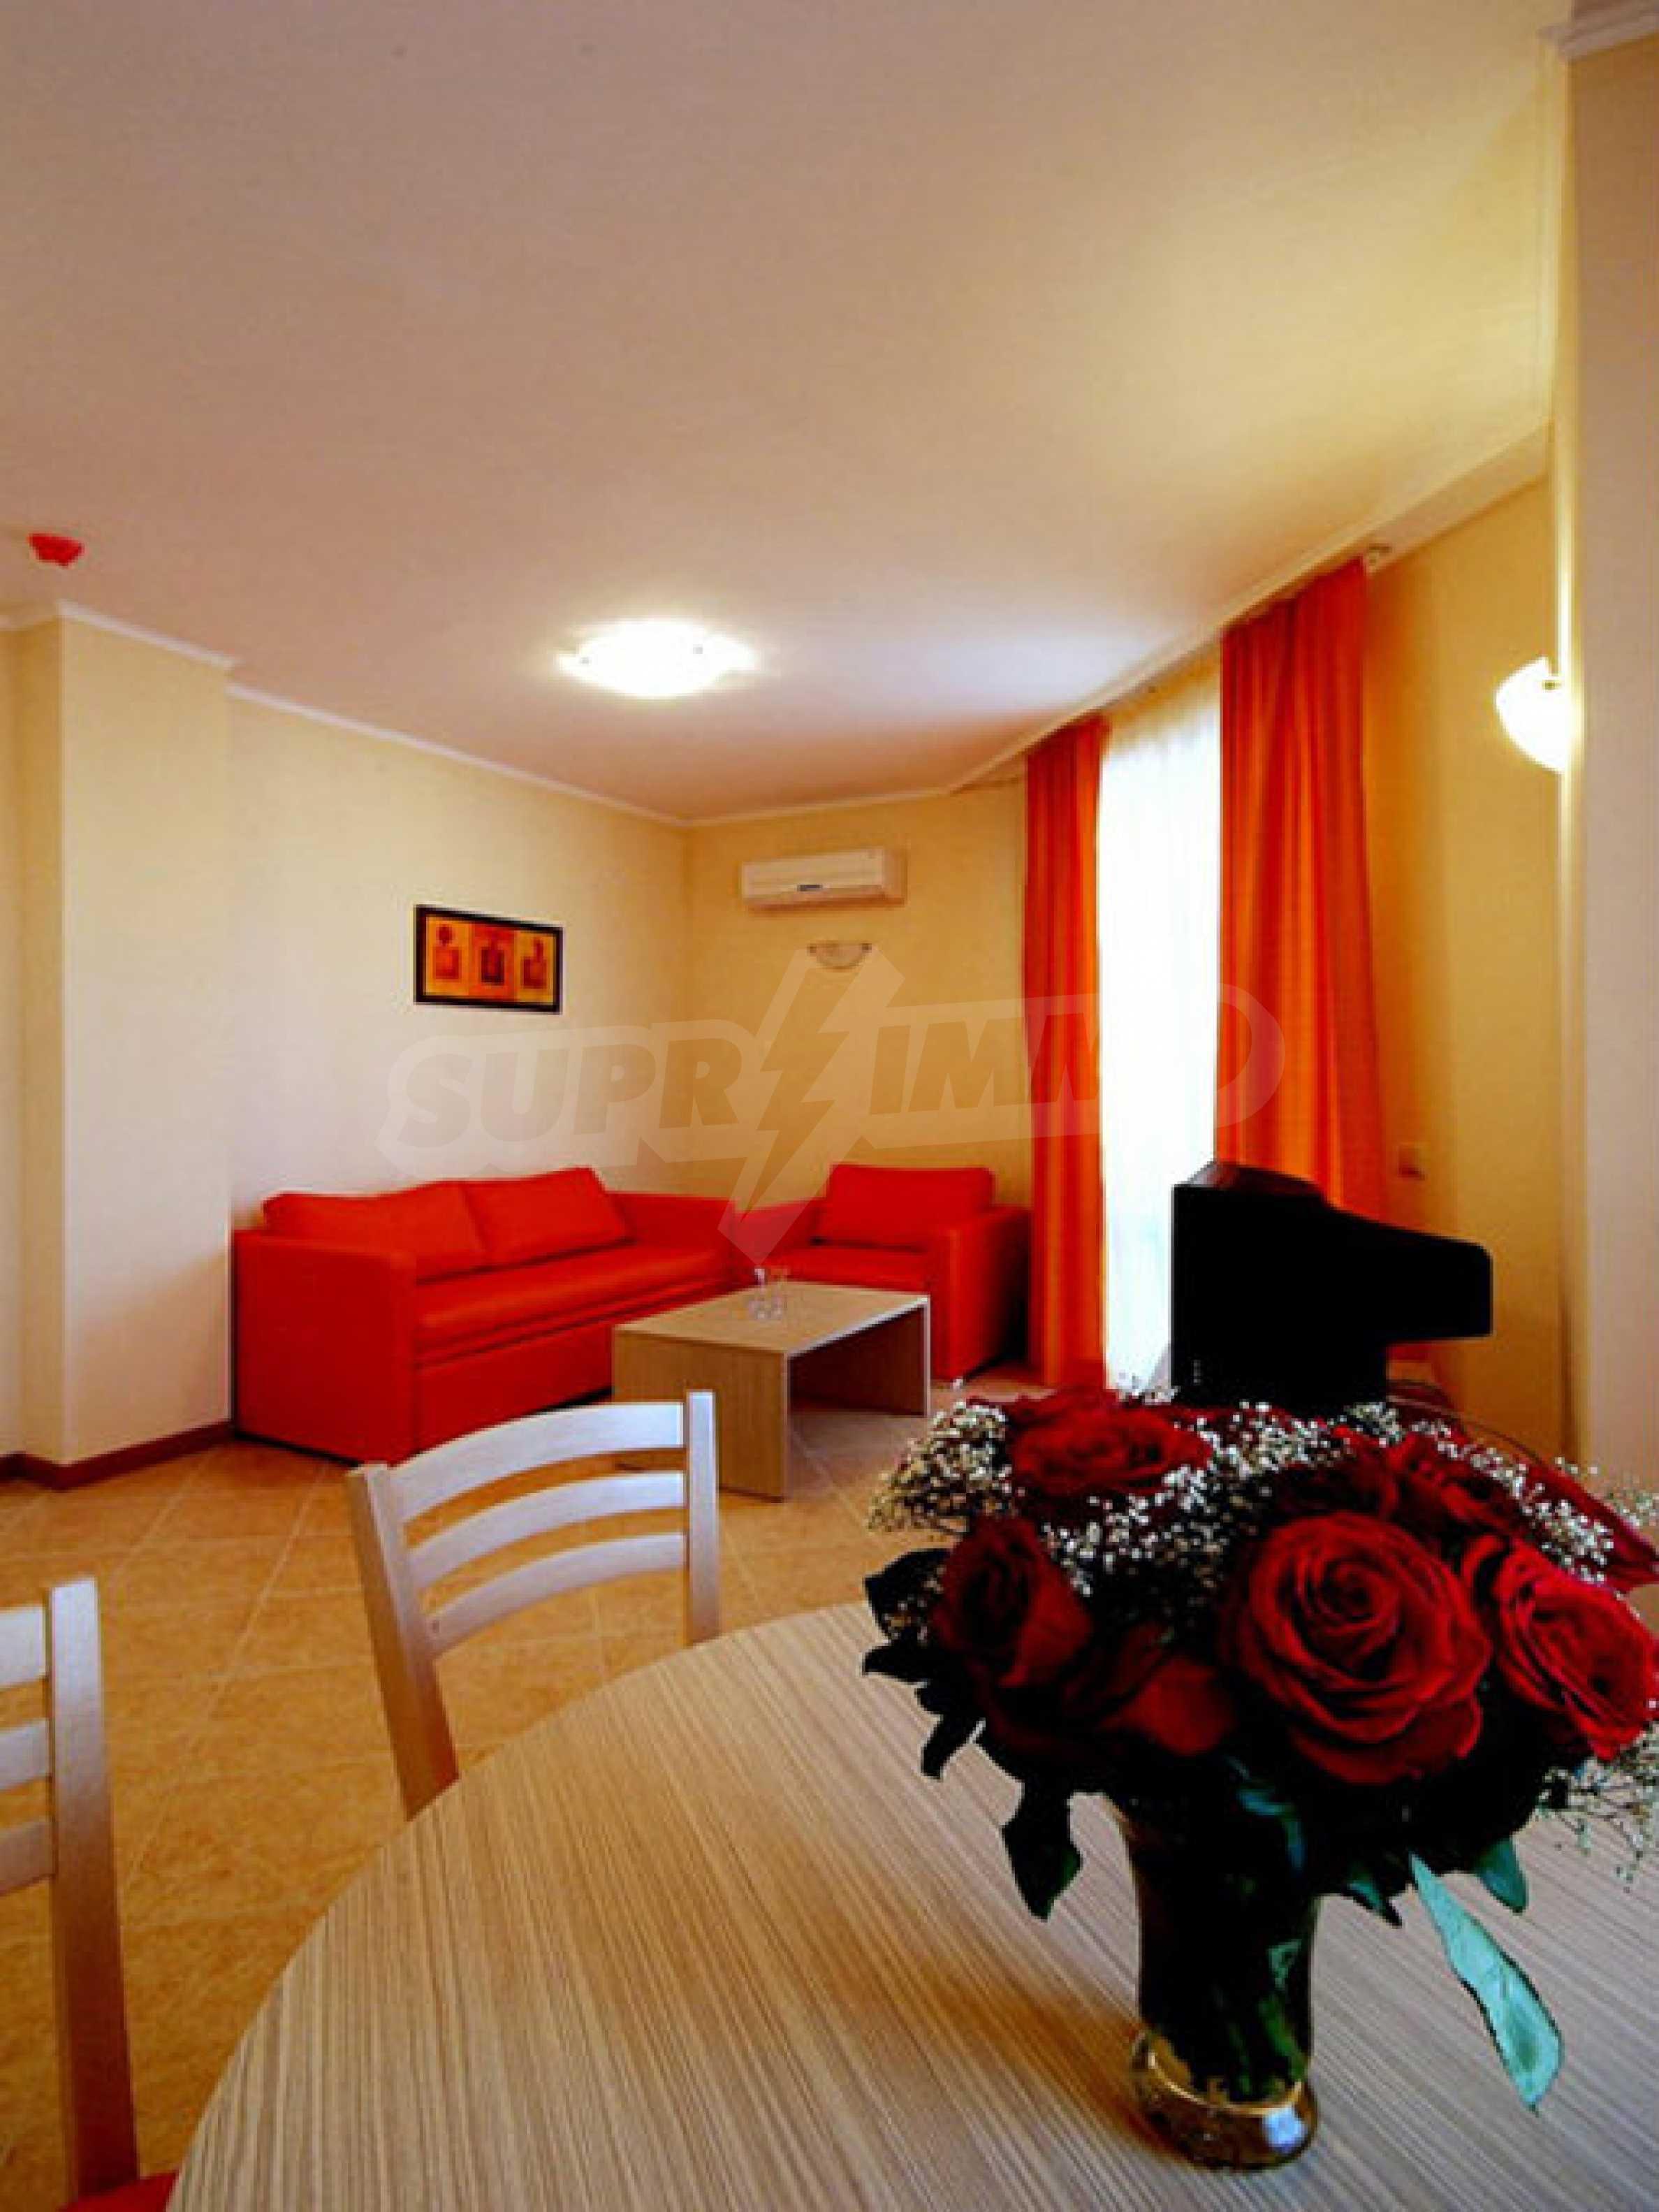 Apartment mit 2 Schlafzimmern im Royal Sun-Komplex in Sonnenstrand 7